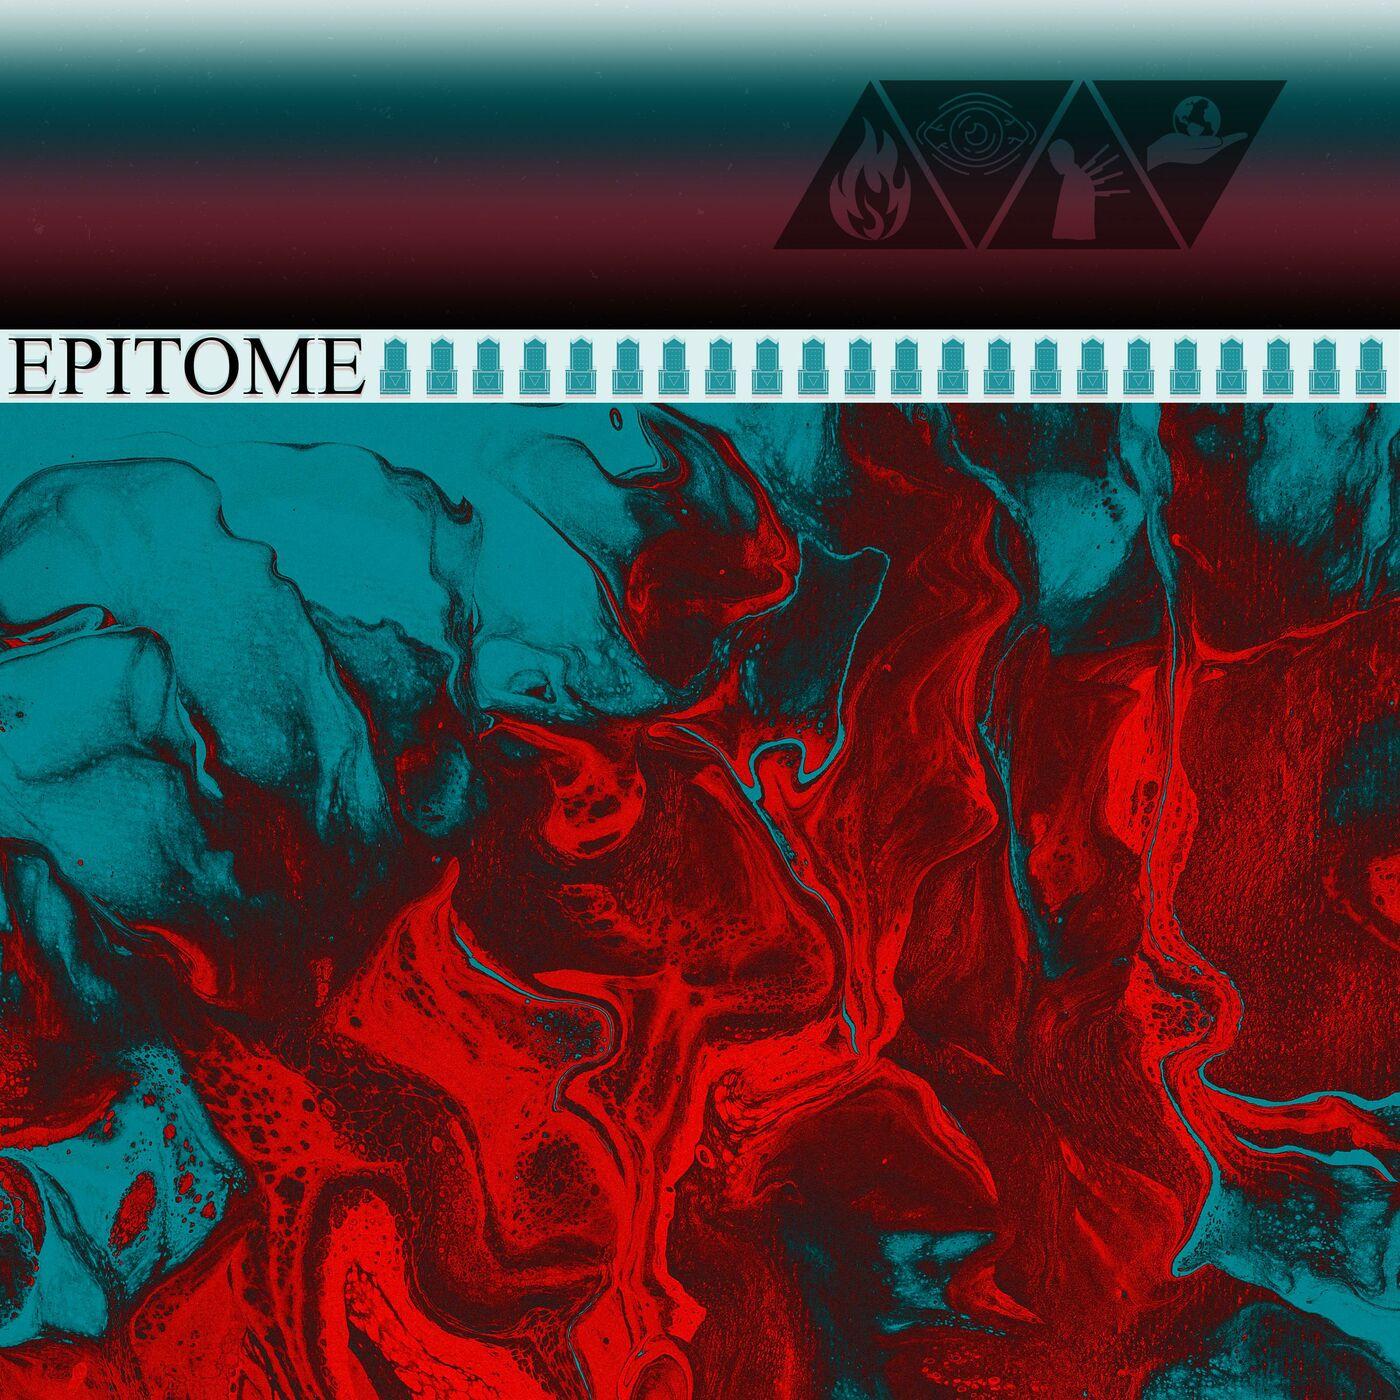 Throne. - Epitome [single] (2019)